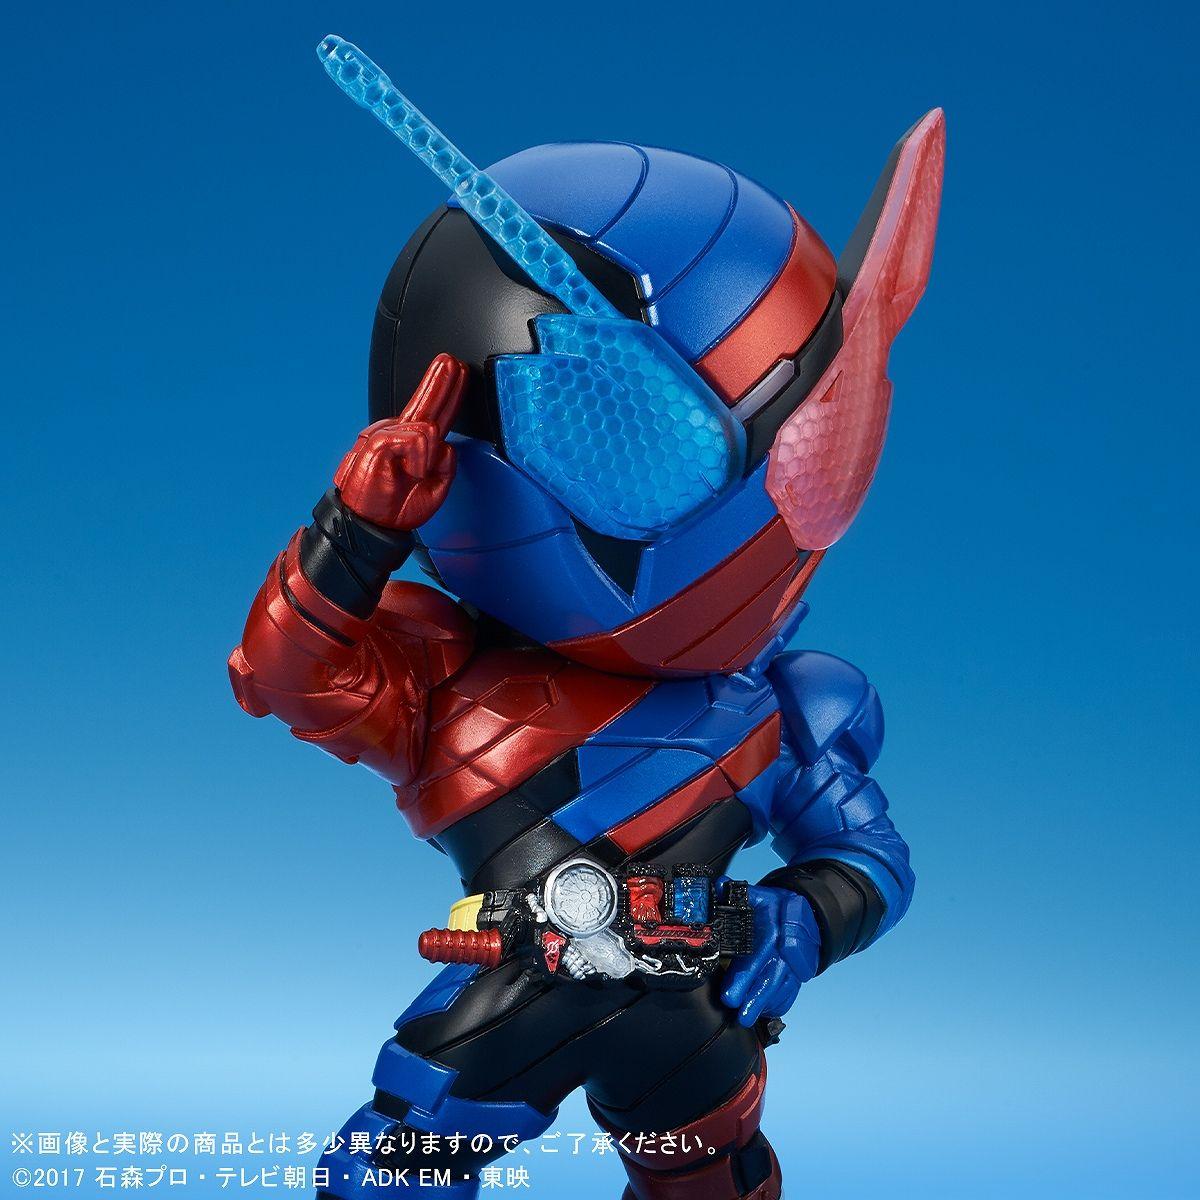 【限定販売】デフォリアル『仮面ライダービルド ラビットタンクフォーム』完成品フィギュア-006